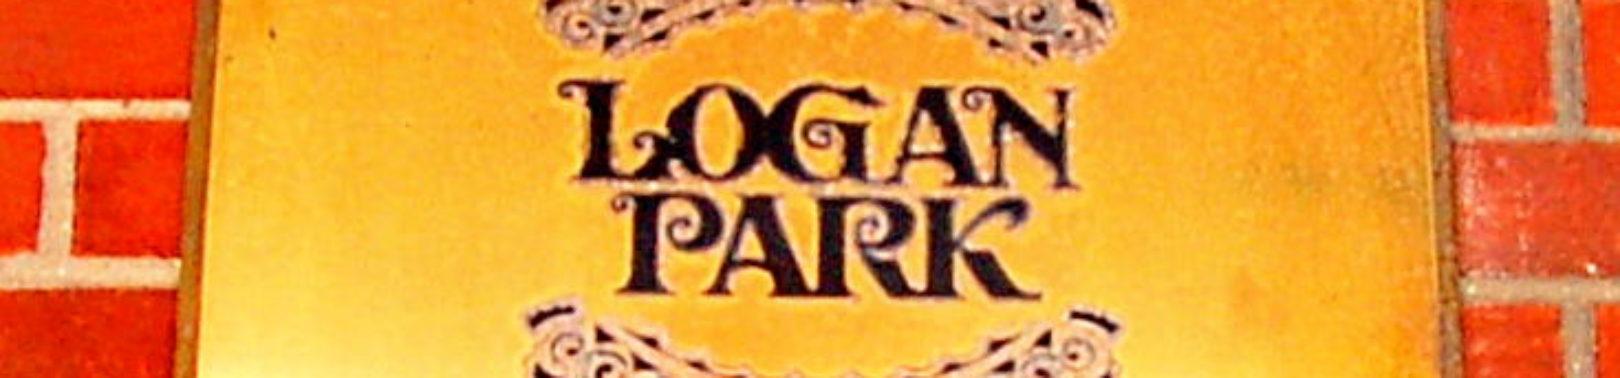 Logan Park Condominium